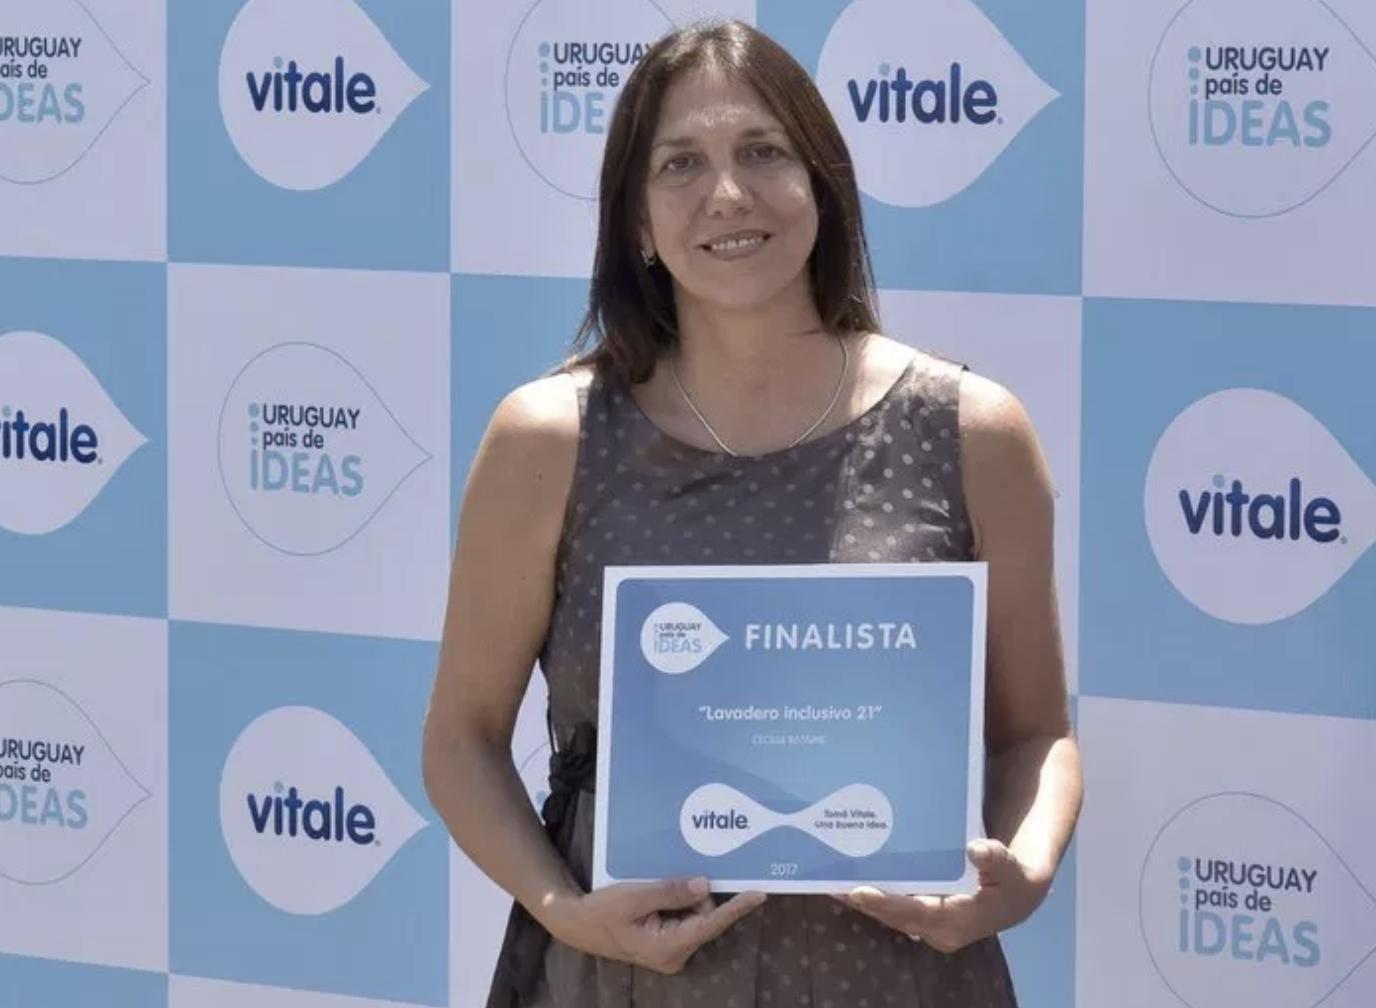 Vitale premió al ganador del concurso #uruguaypaísdeideas -